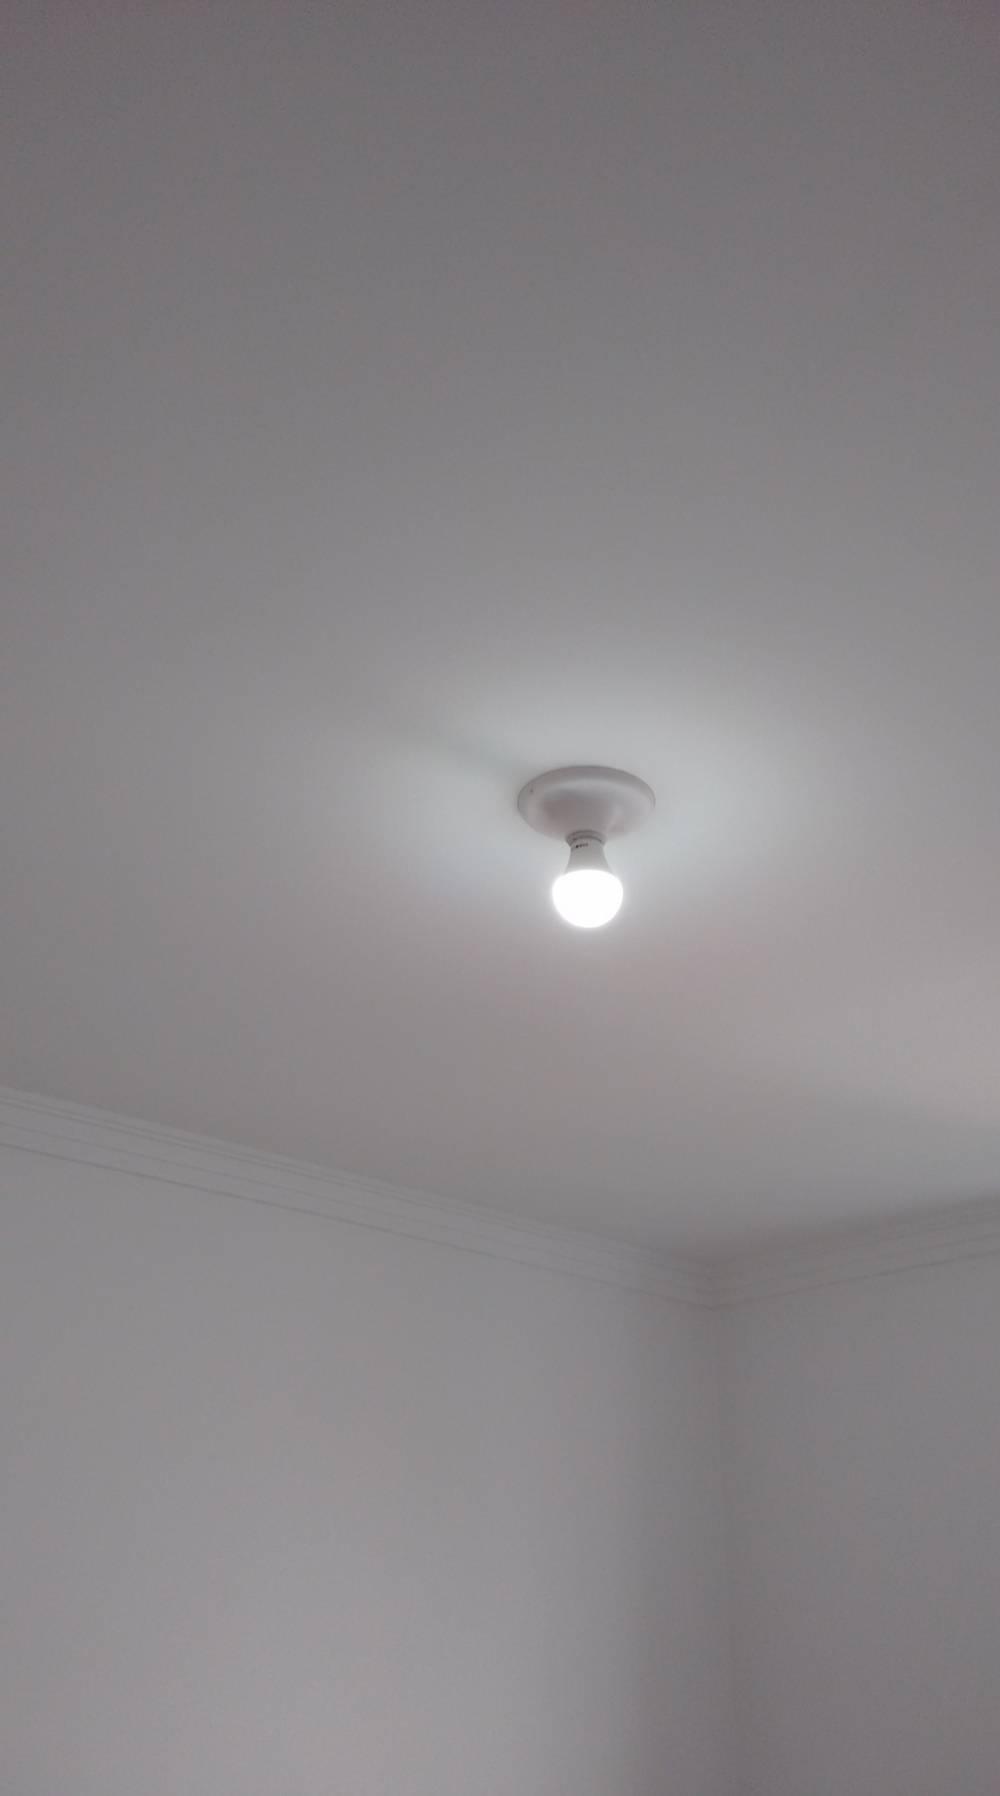 Serviço de Eletricidade Residencial Quanto Custa no Demarchi - Instalação Elétrica Residencial